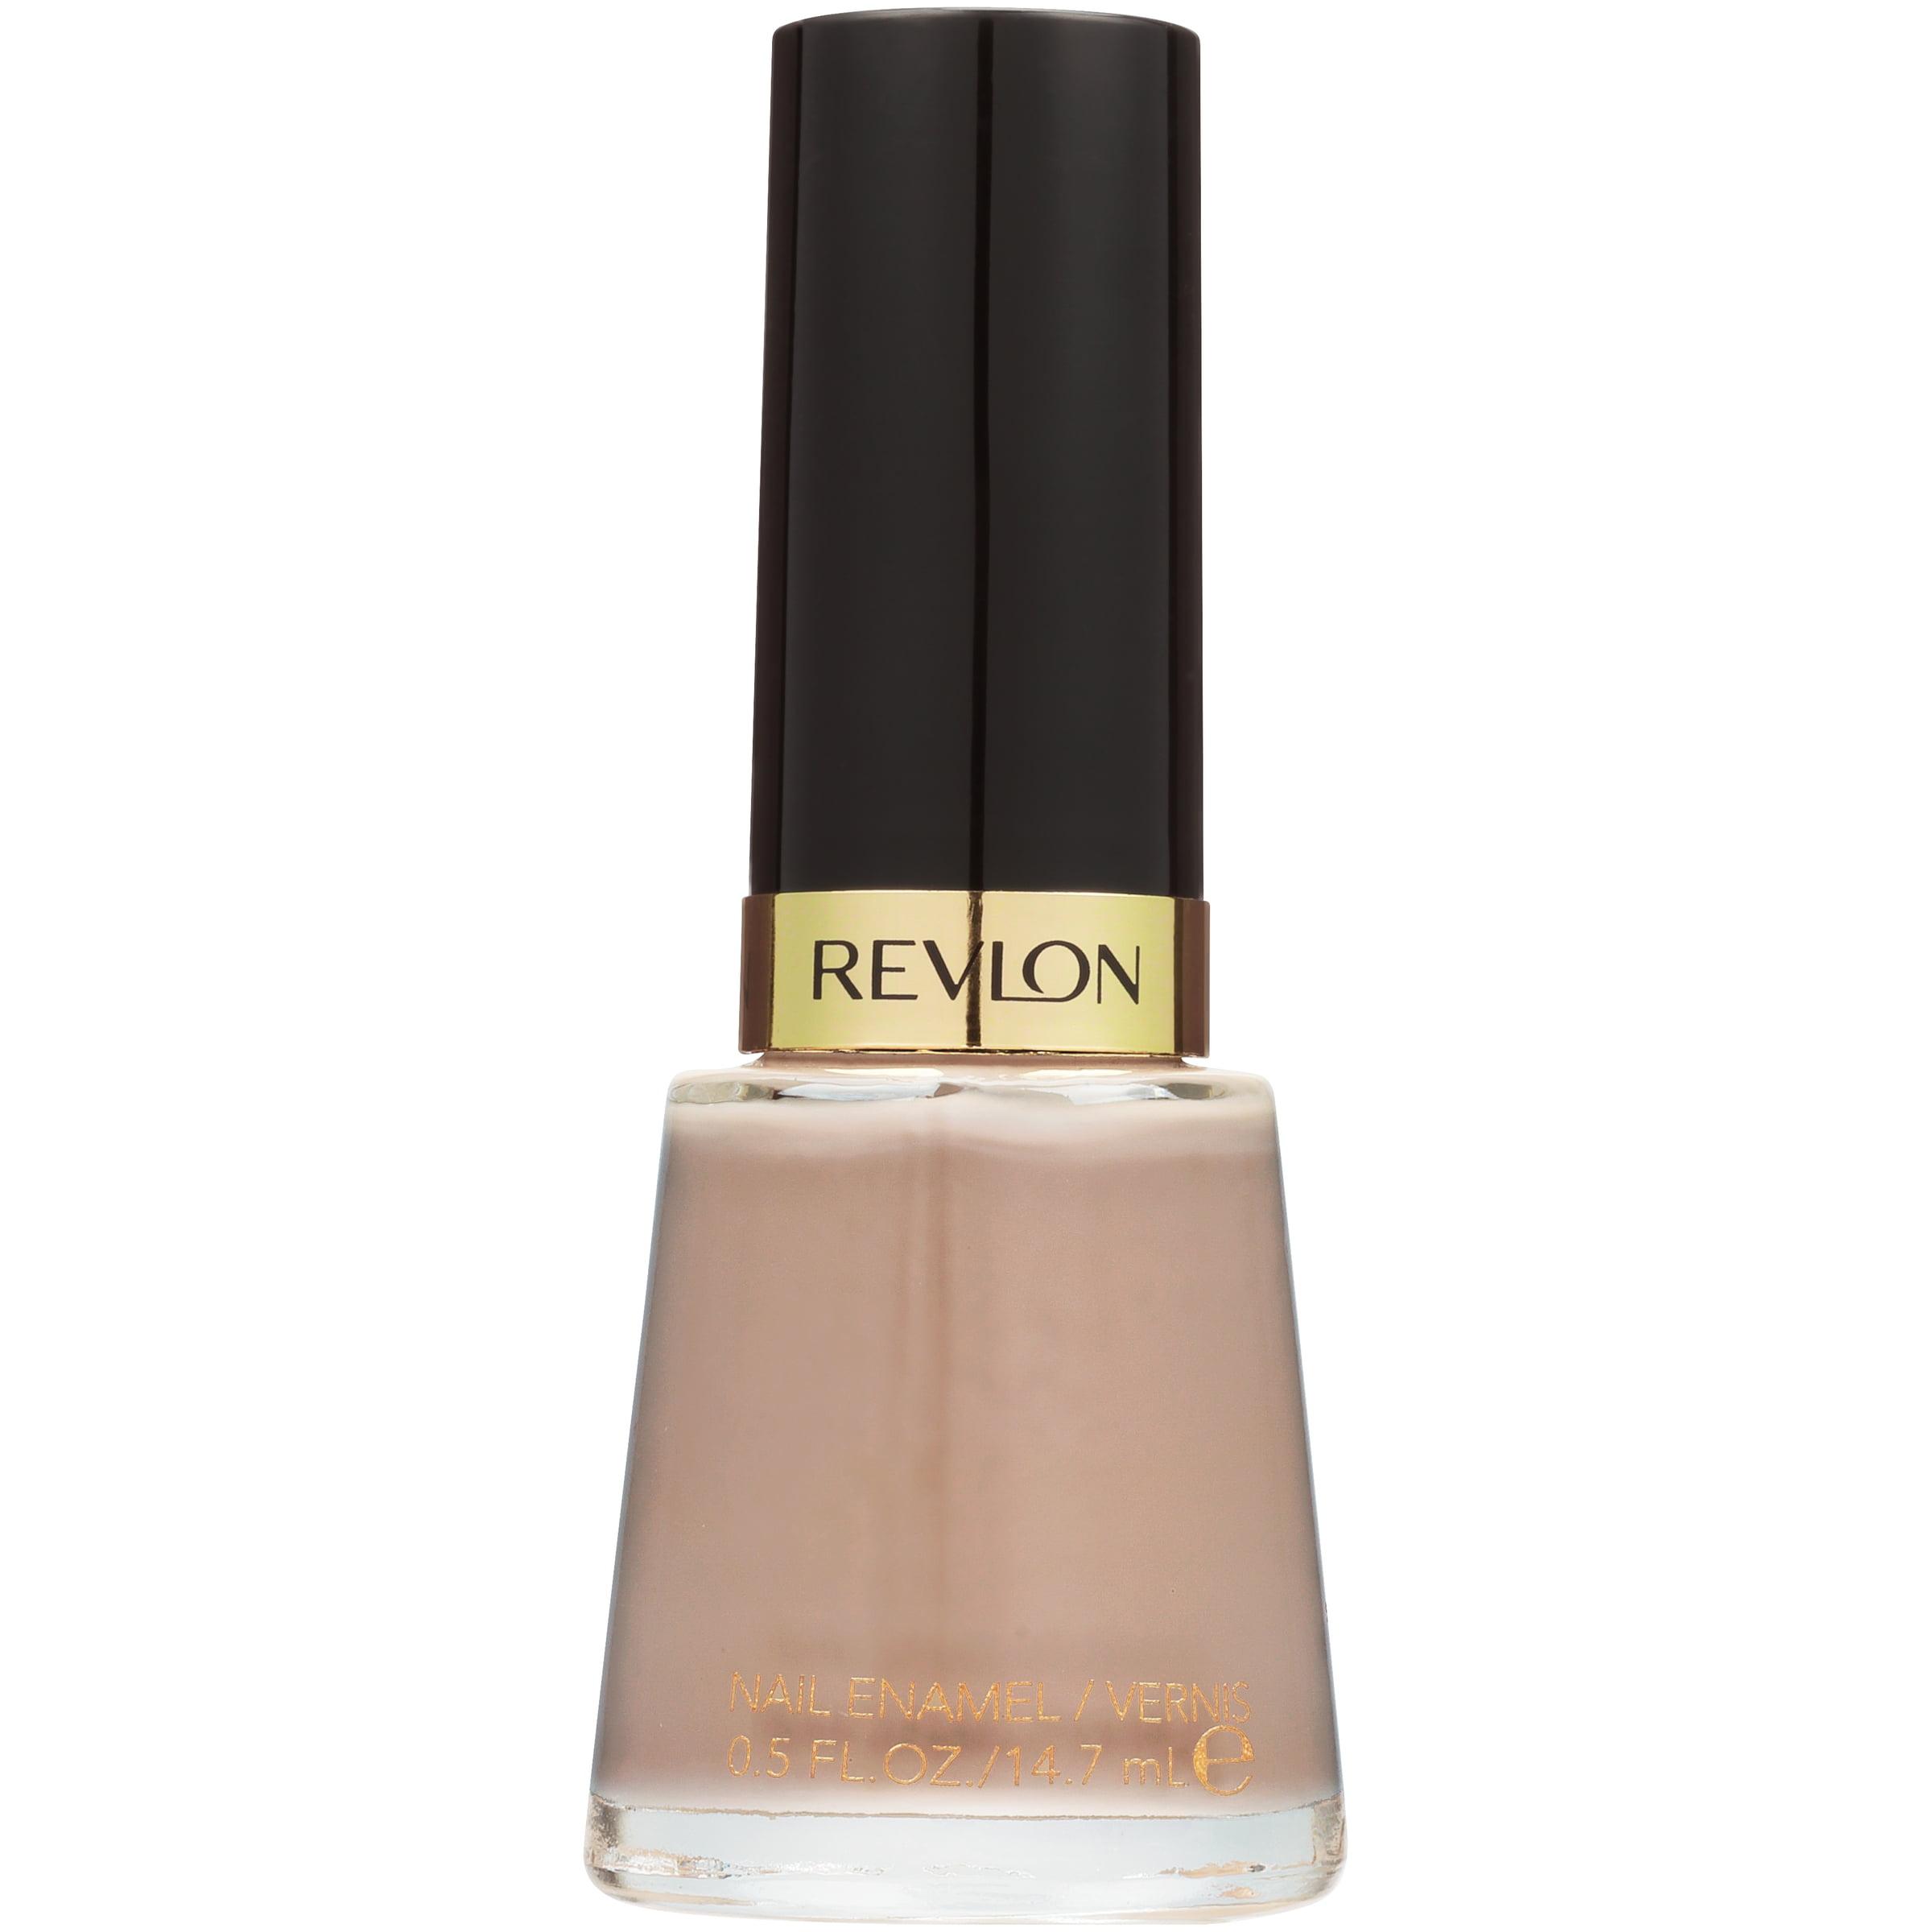 Revlon Nail Enamel, Elegant, 0.5 fl Oz